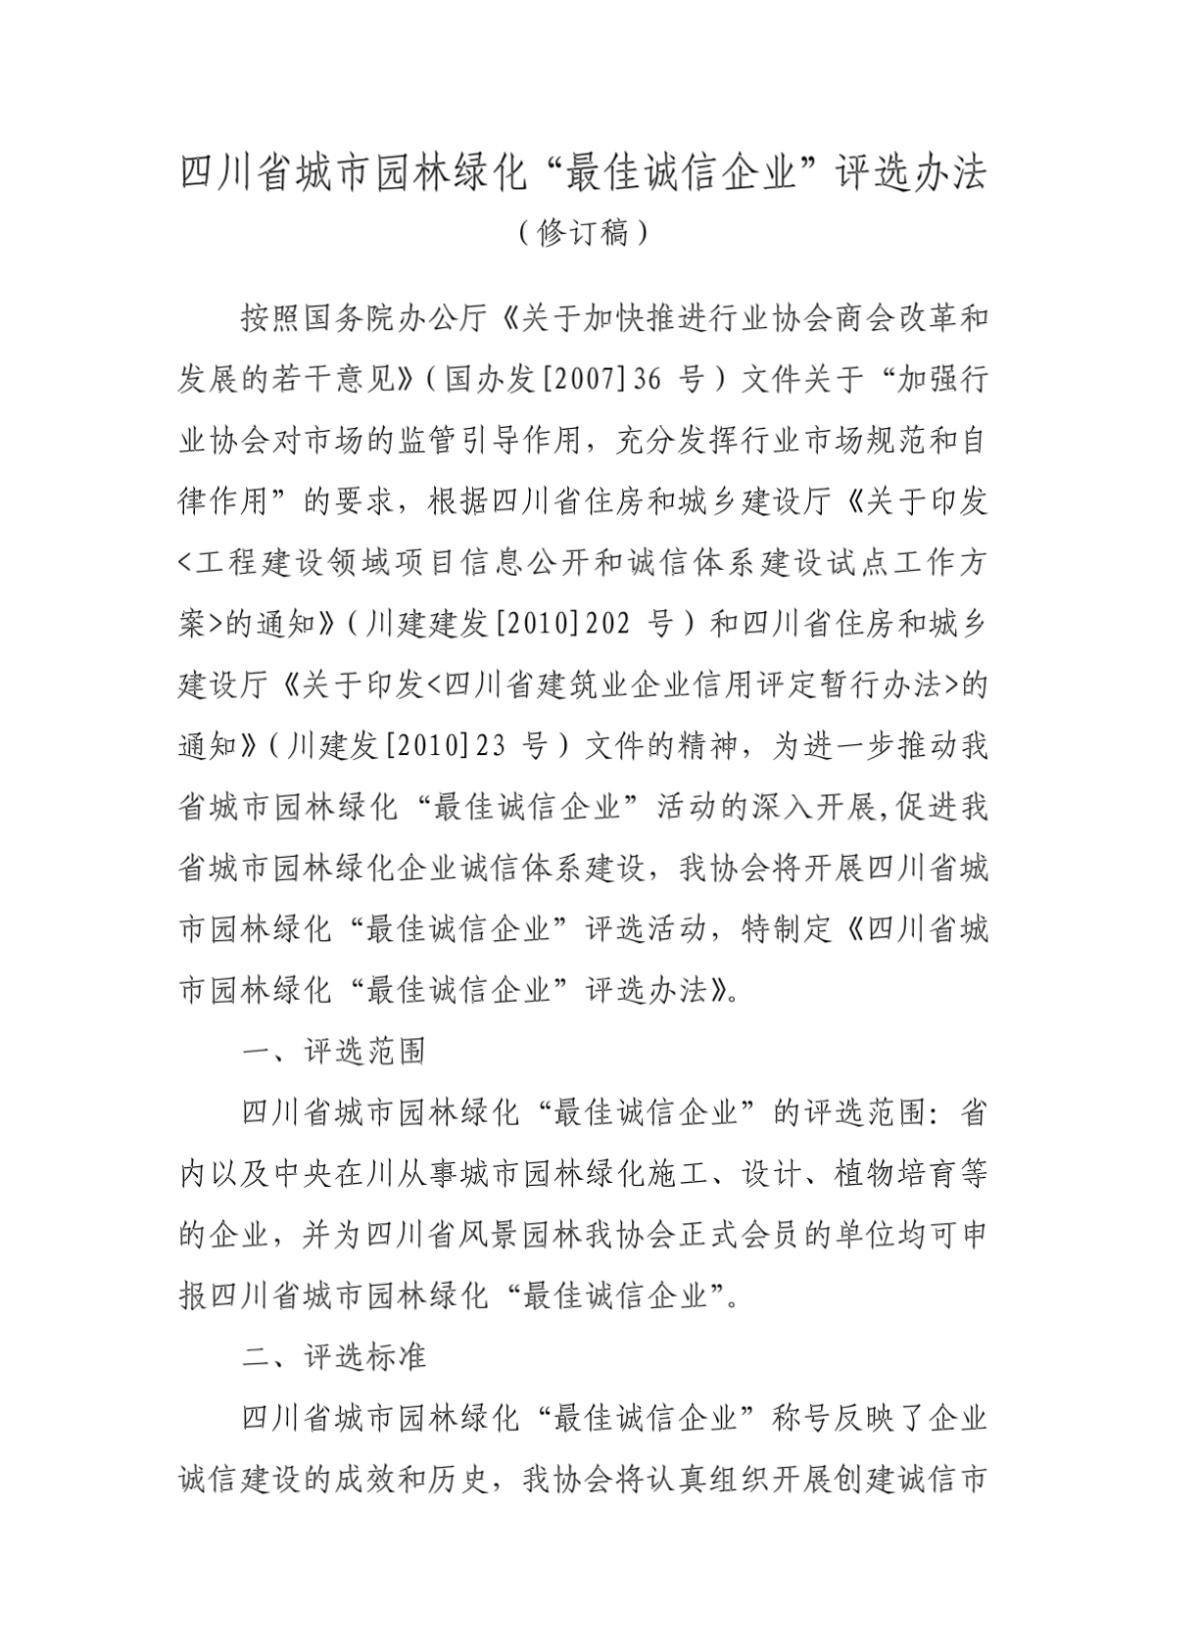 四川省城市园林绿化最佳诚信企业评选办法-图二